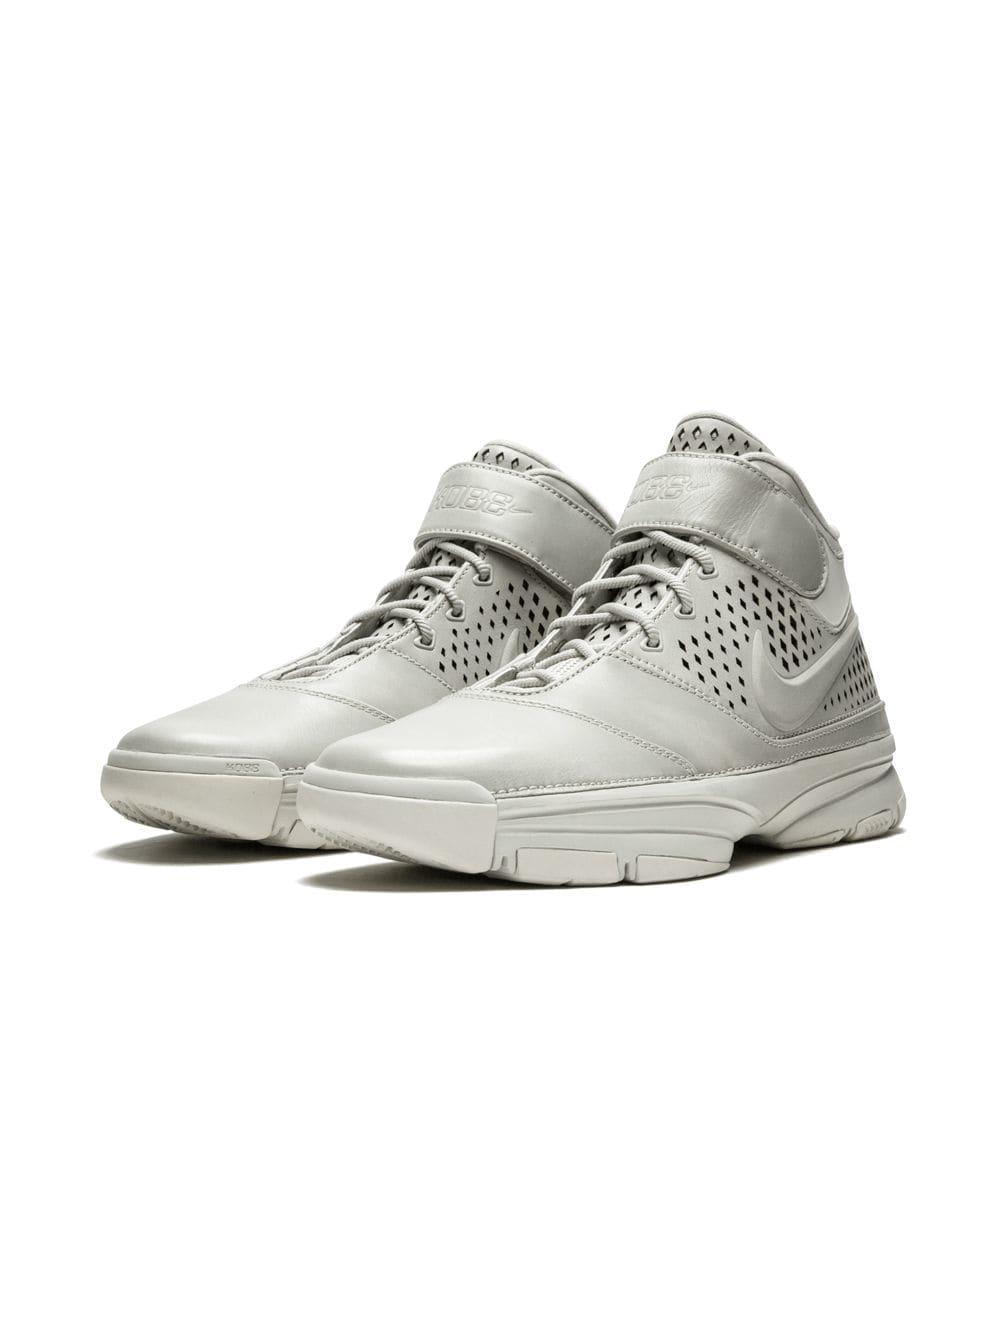 fed14796984 Nike Zoom Kobe 2 Ftb Sneakers in Gray for Men - Lyst